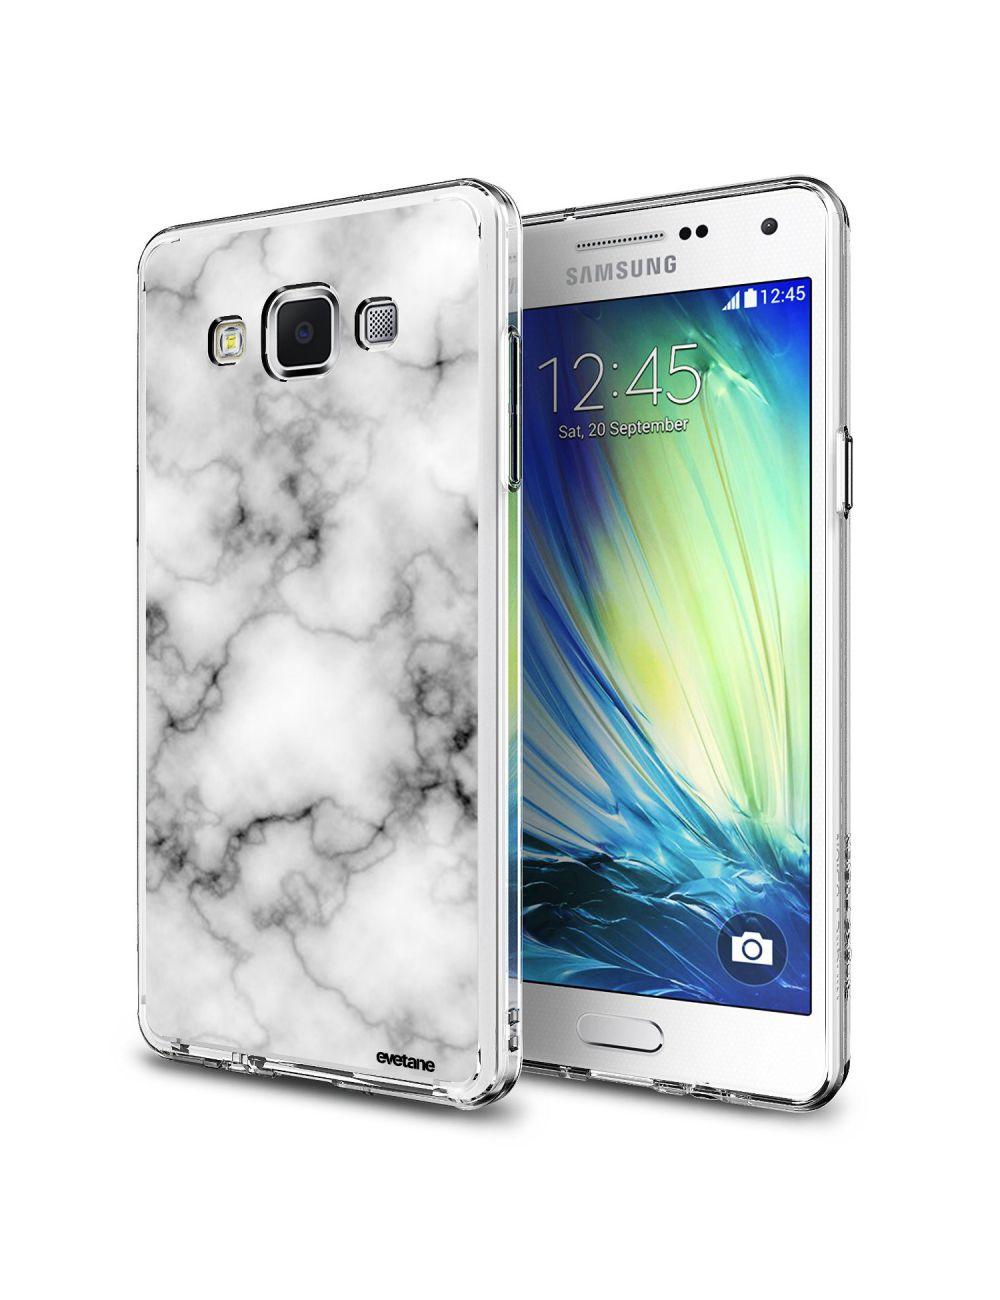 Coque Samsung Galaxy Grand Plus rigide transparente Marbre blanc ...